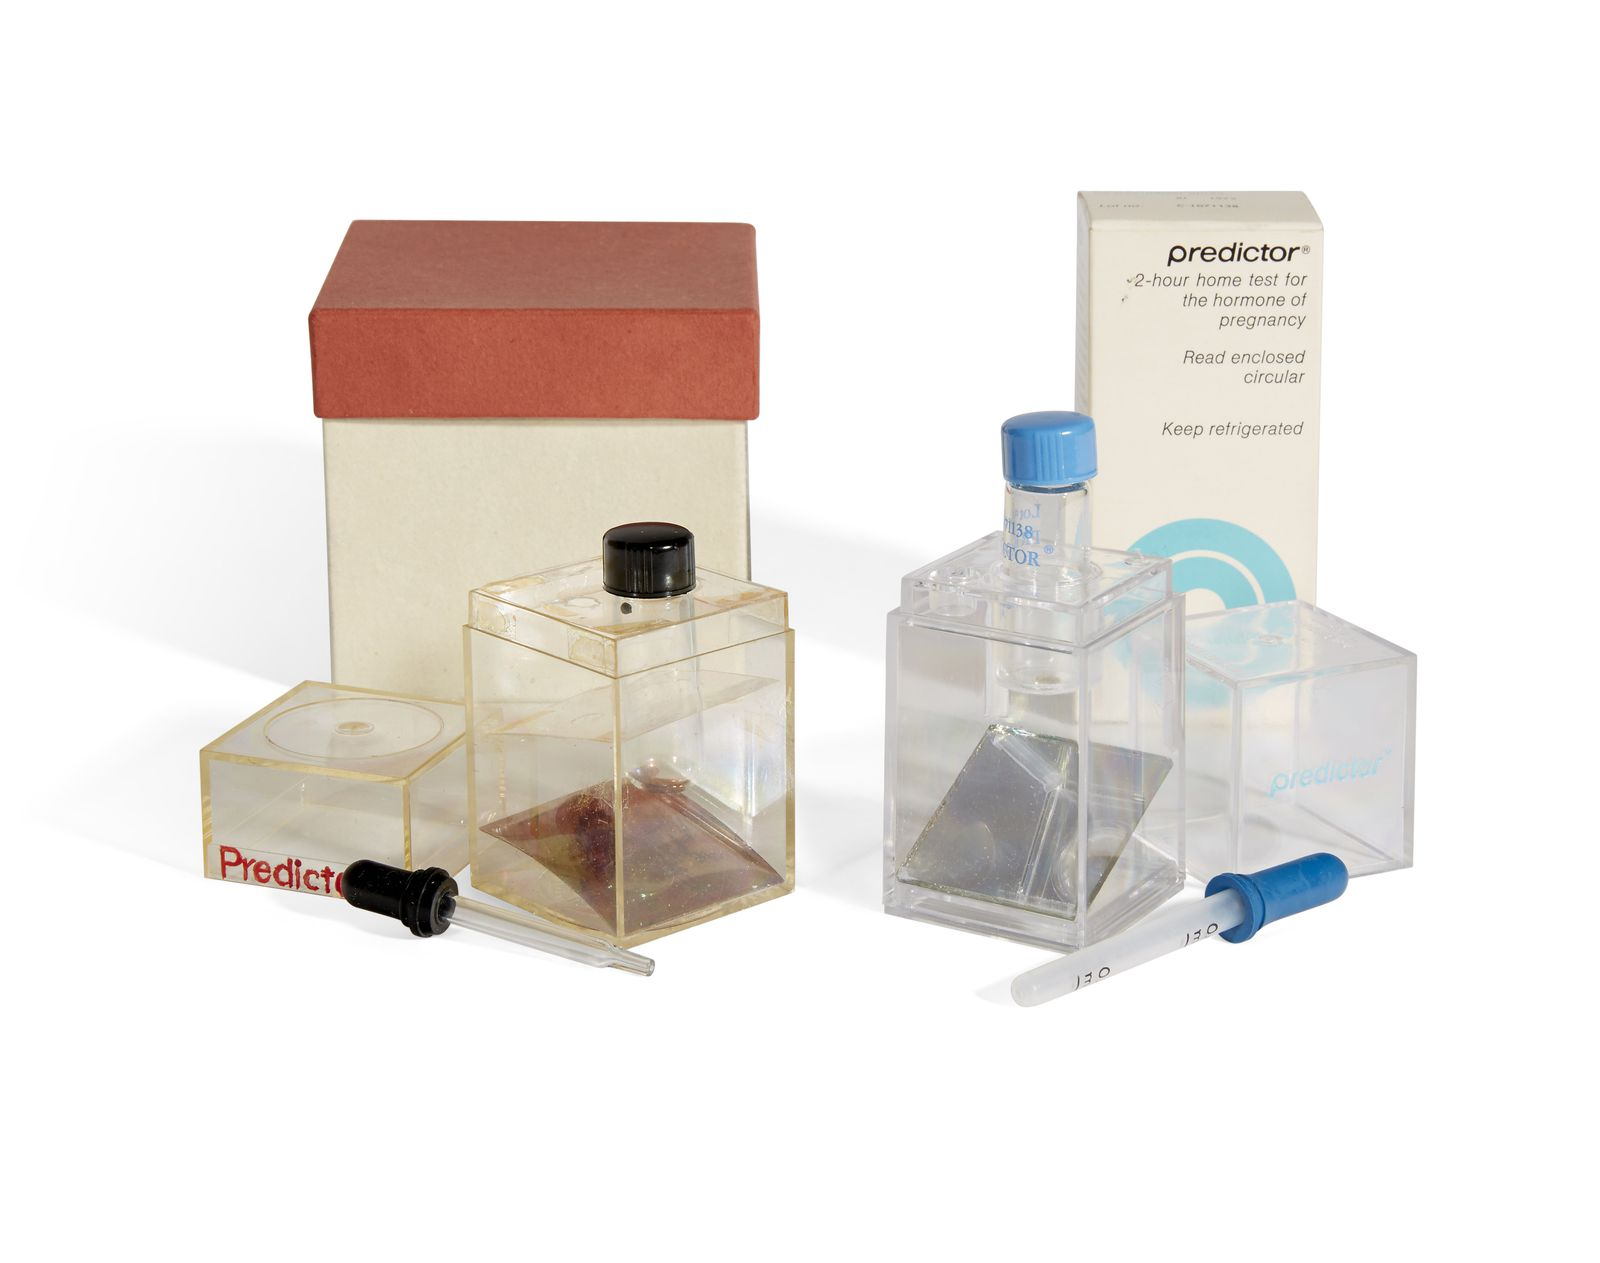 Прототип теста на беременность Predictor и тест, который вышел на рынок в конце 1970-х годов. Фото — Modernfertility.com